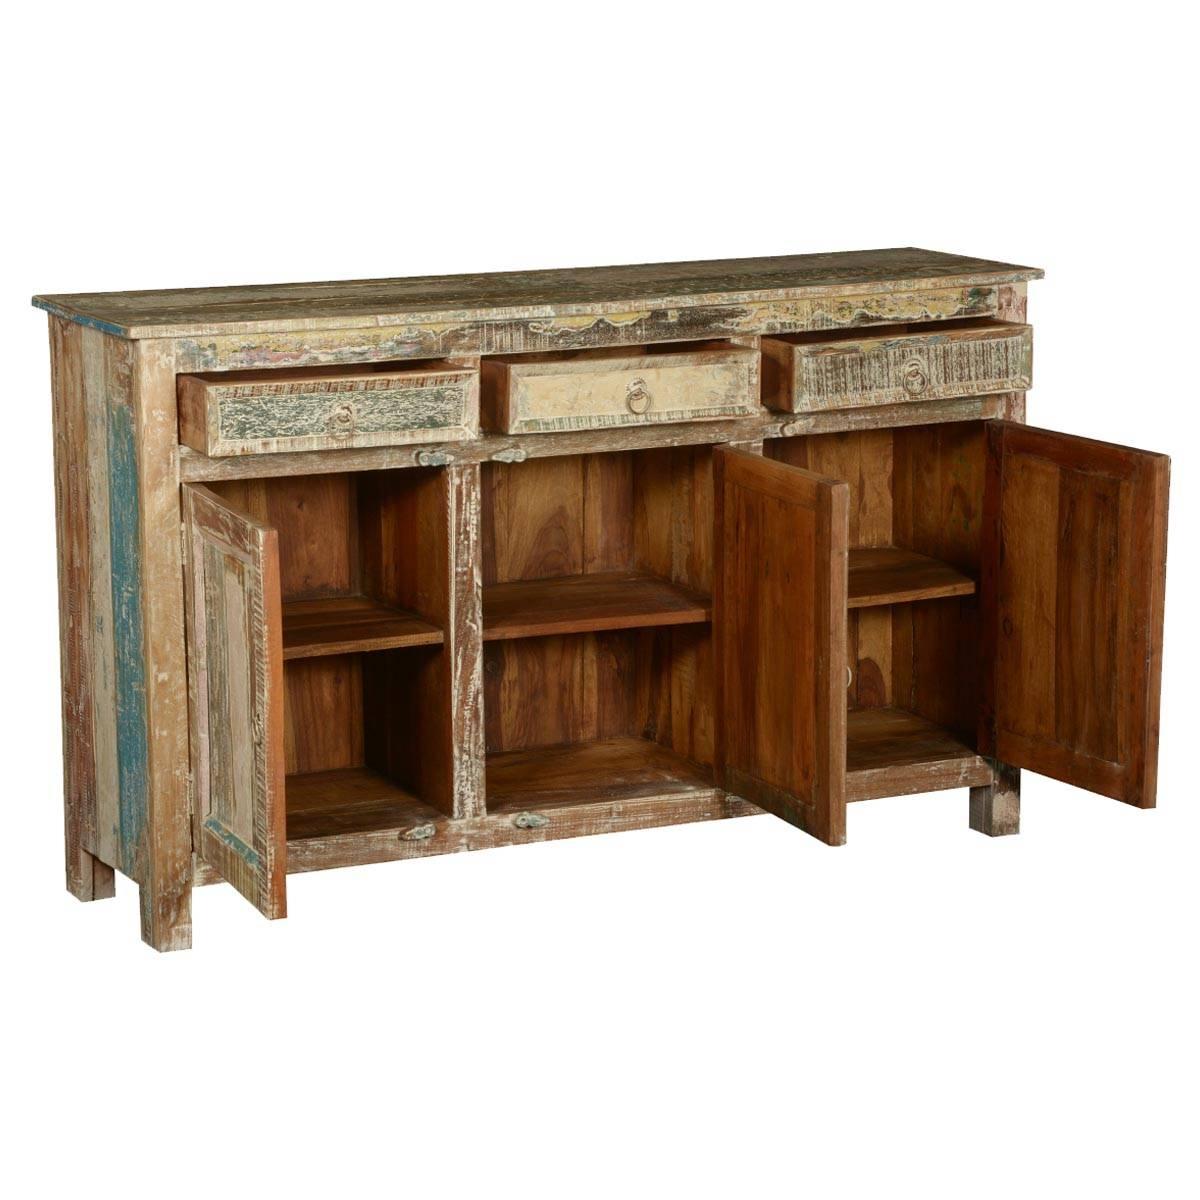 Rustic Reclaimed Wood Distressed Sideboard Cabinet Throughout Distressed Sideboard (#12 of 20)